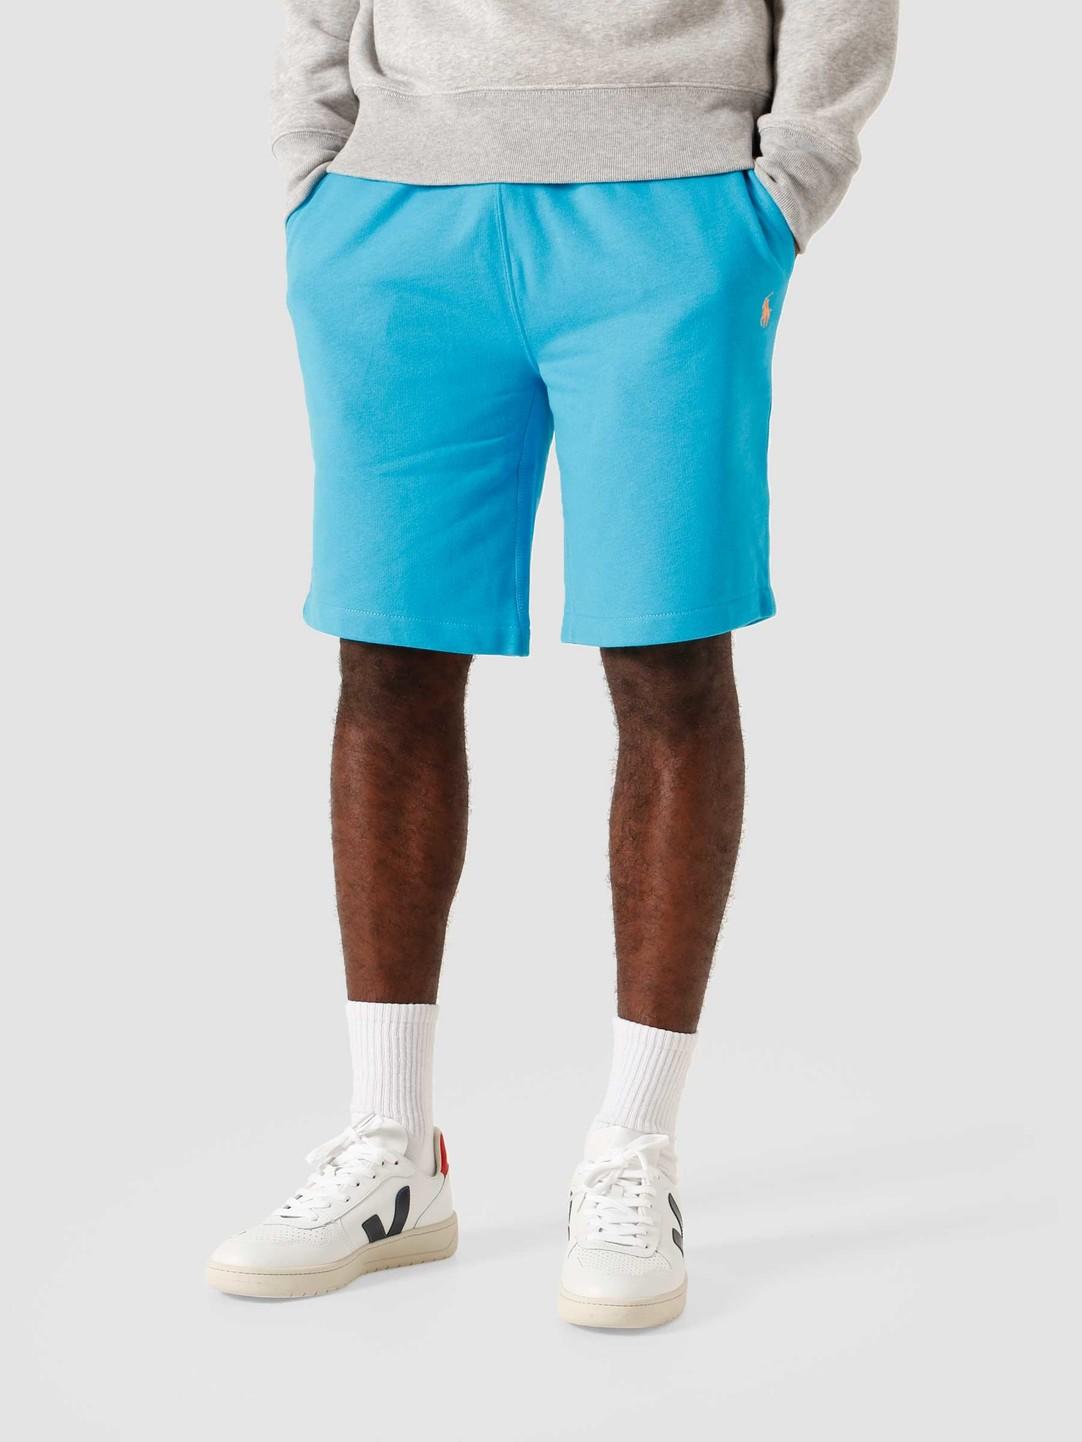 Polo Ralph Lauren Polo Ralph Lauren Athletic Short Cove Blue 710790292016